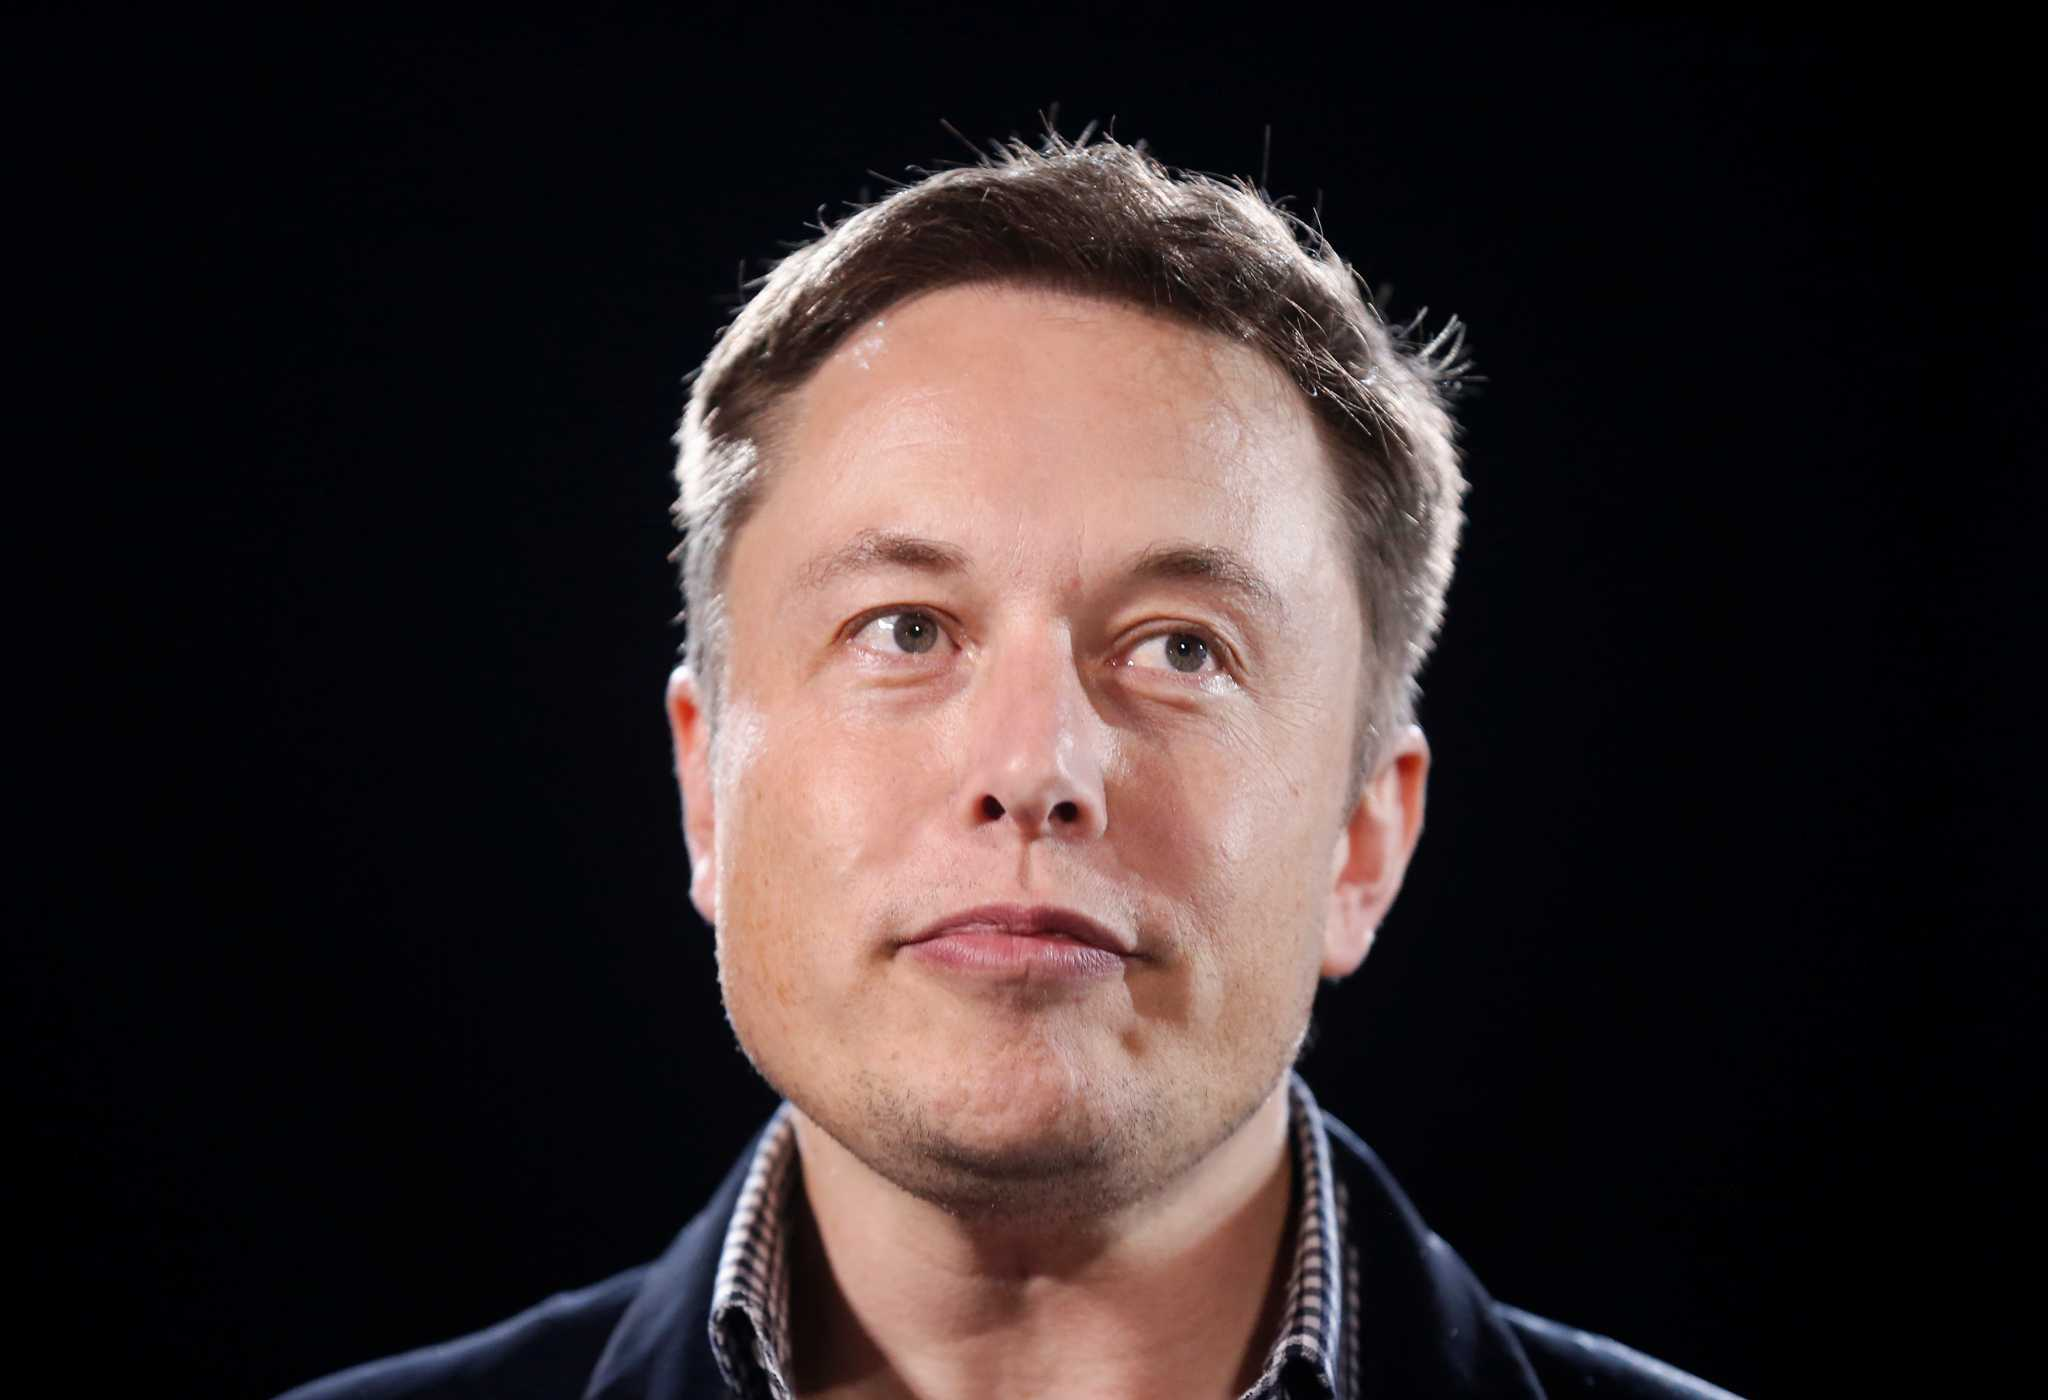 Έλον Μασκ: 10 πράγματα που δεν γνωρίζατε για τον μεγιστάνα της τεχνολογίας